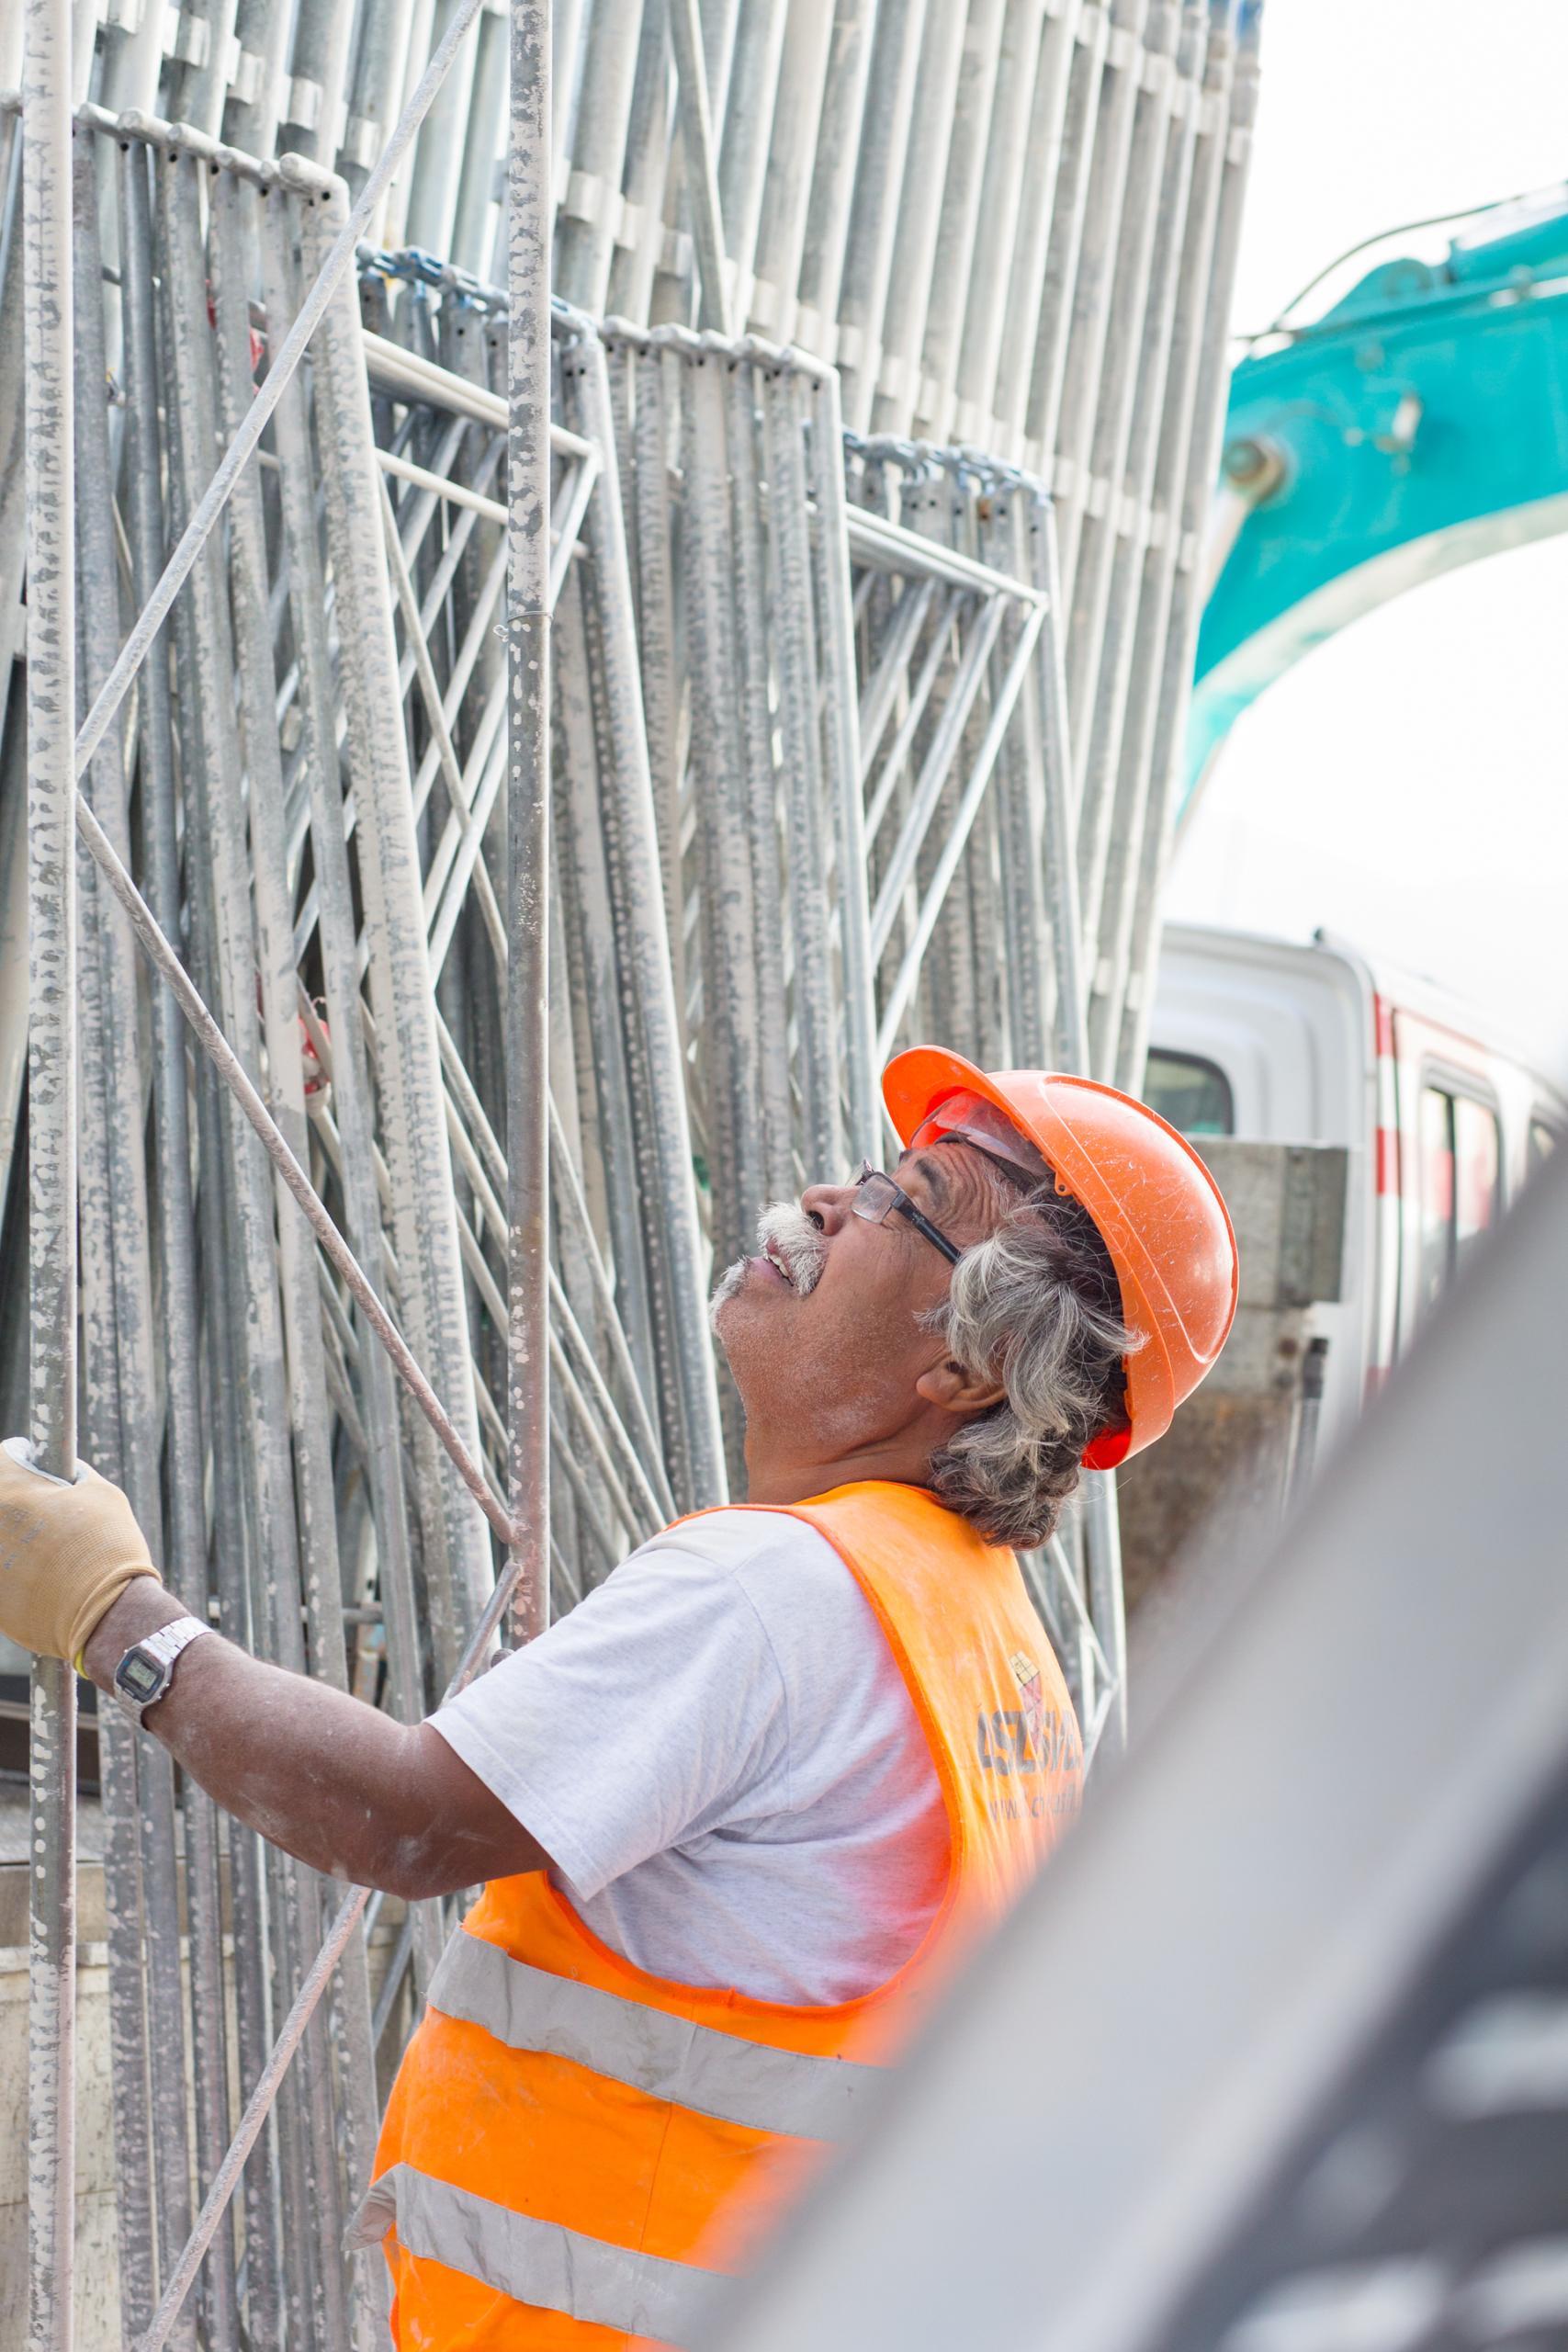 ouvrier de chantier en train de saisir des échafaudages